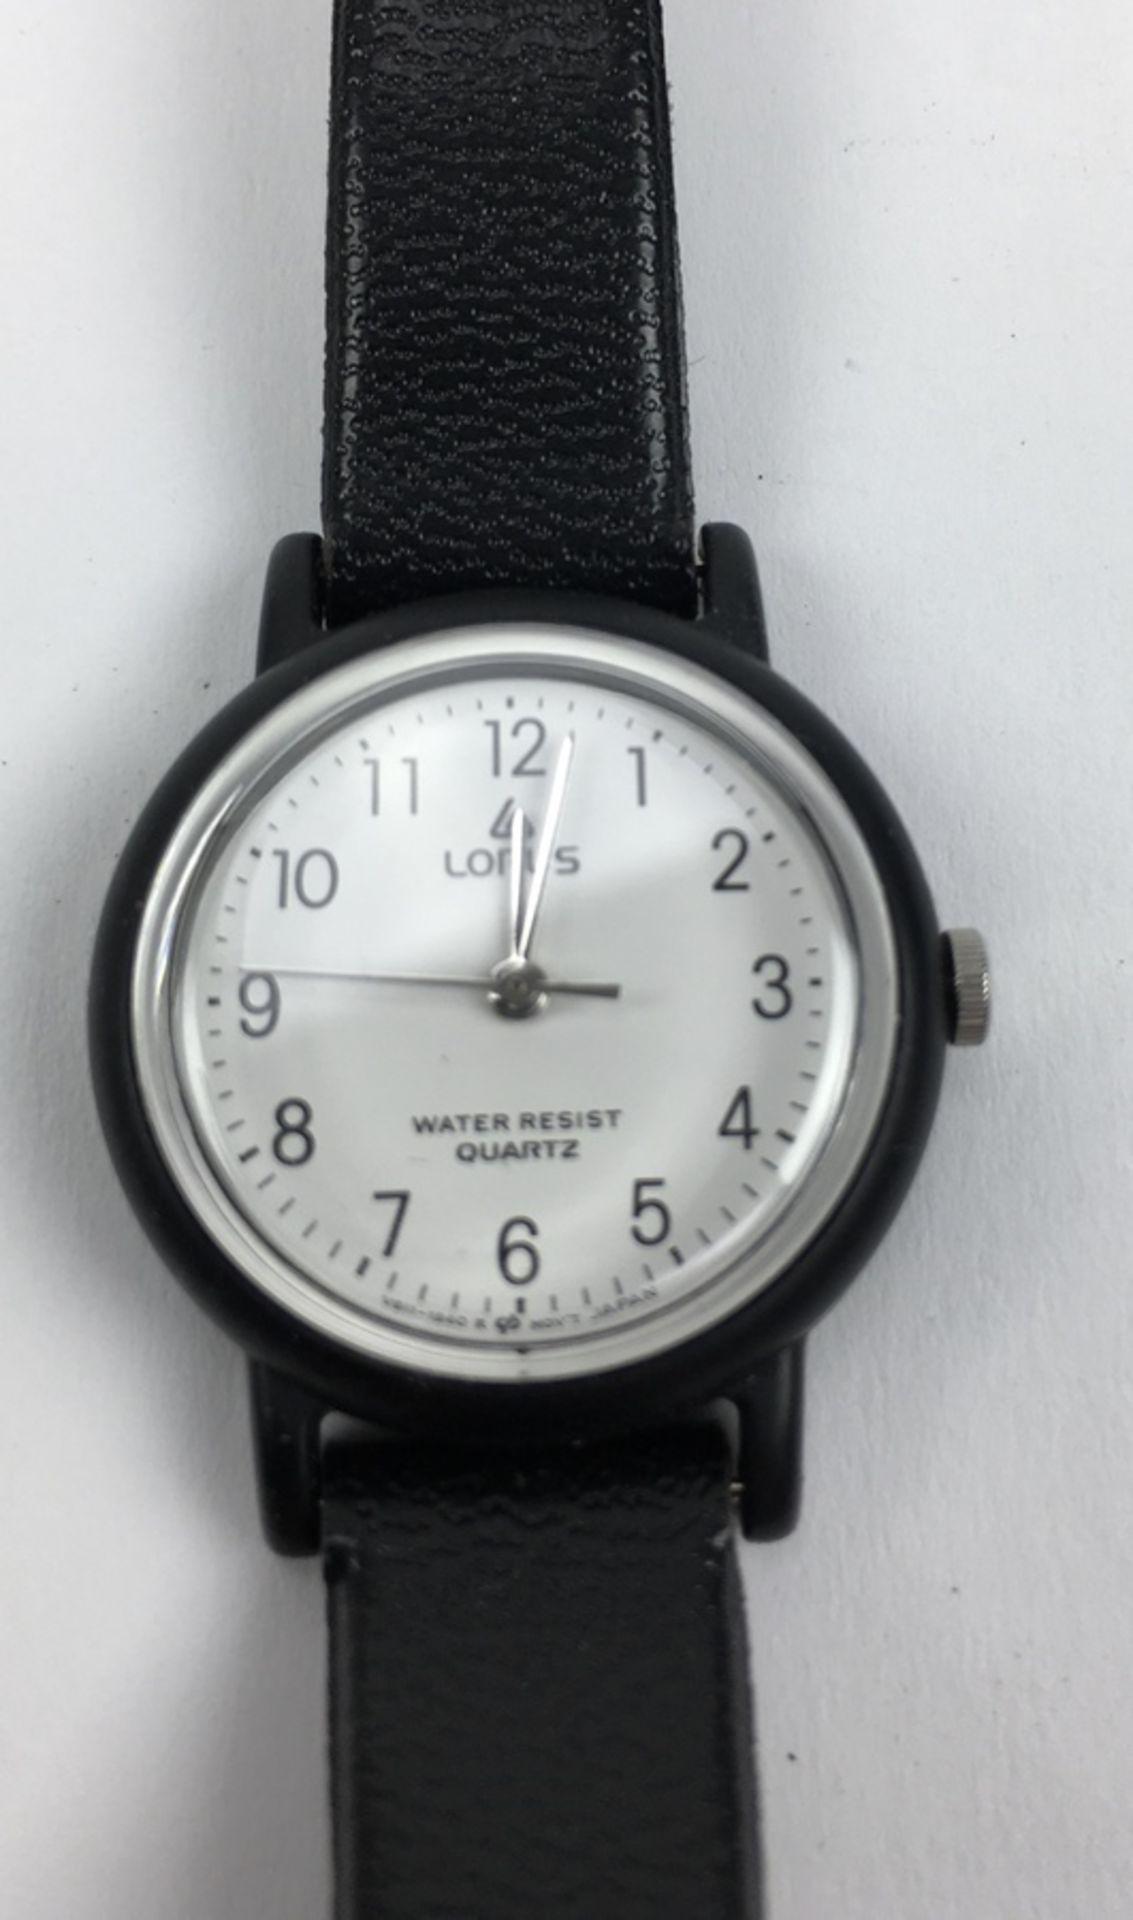 (Sieraden) HorlogesDrie verschillende merken horloges. Conditie: Gebruikssporen, niet getest. A - Image 4 of 7